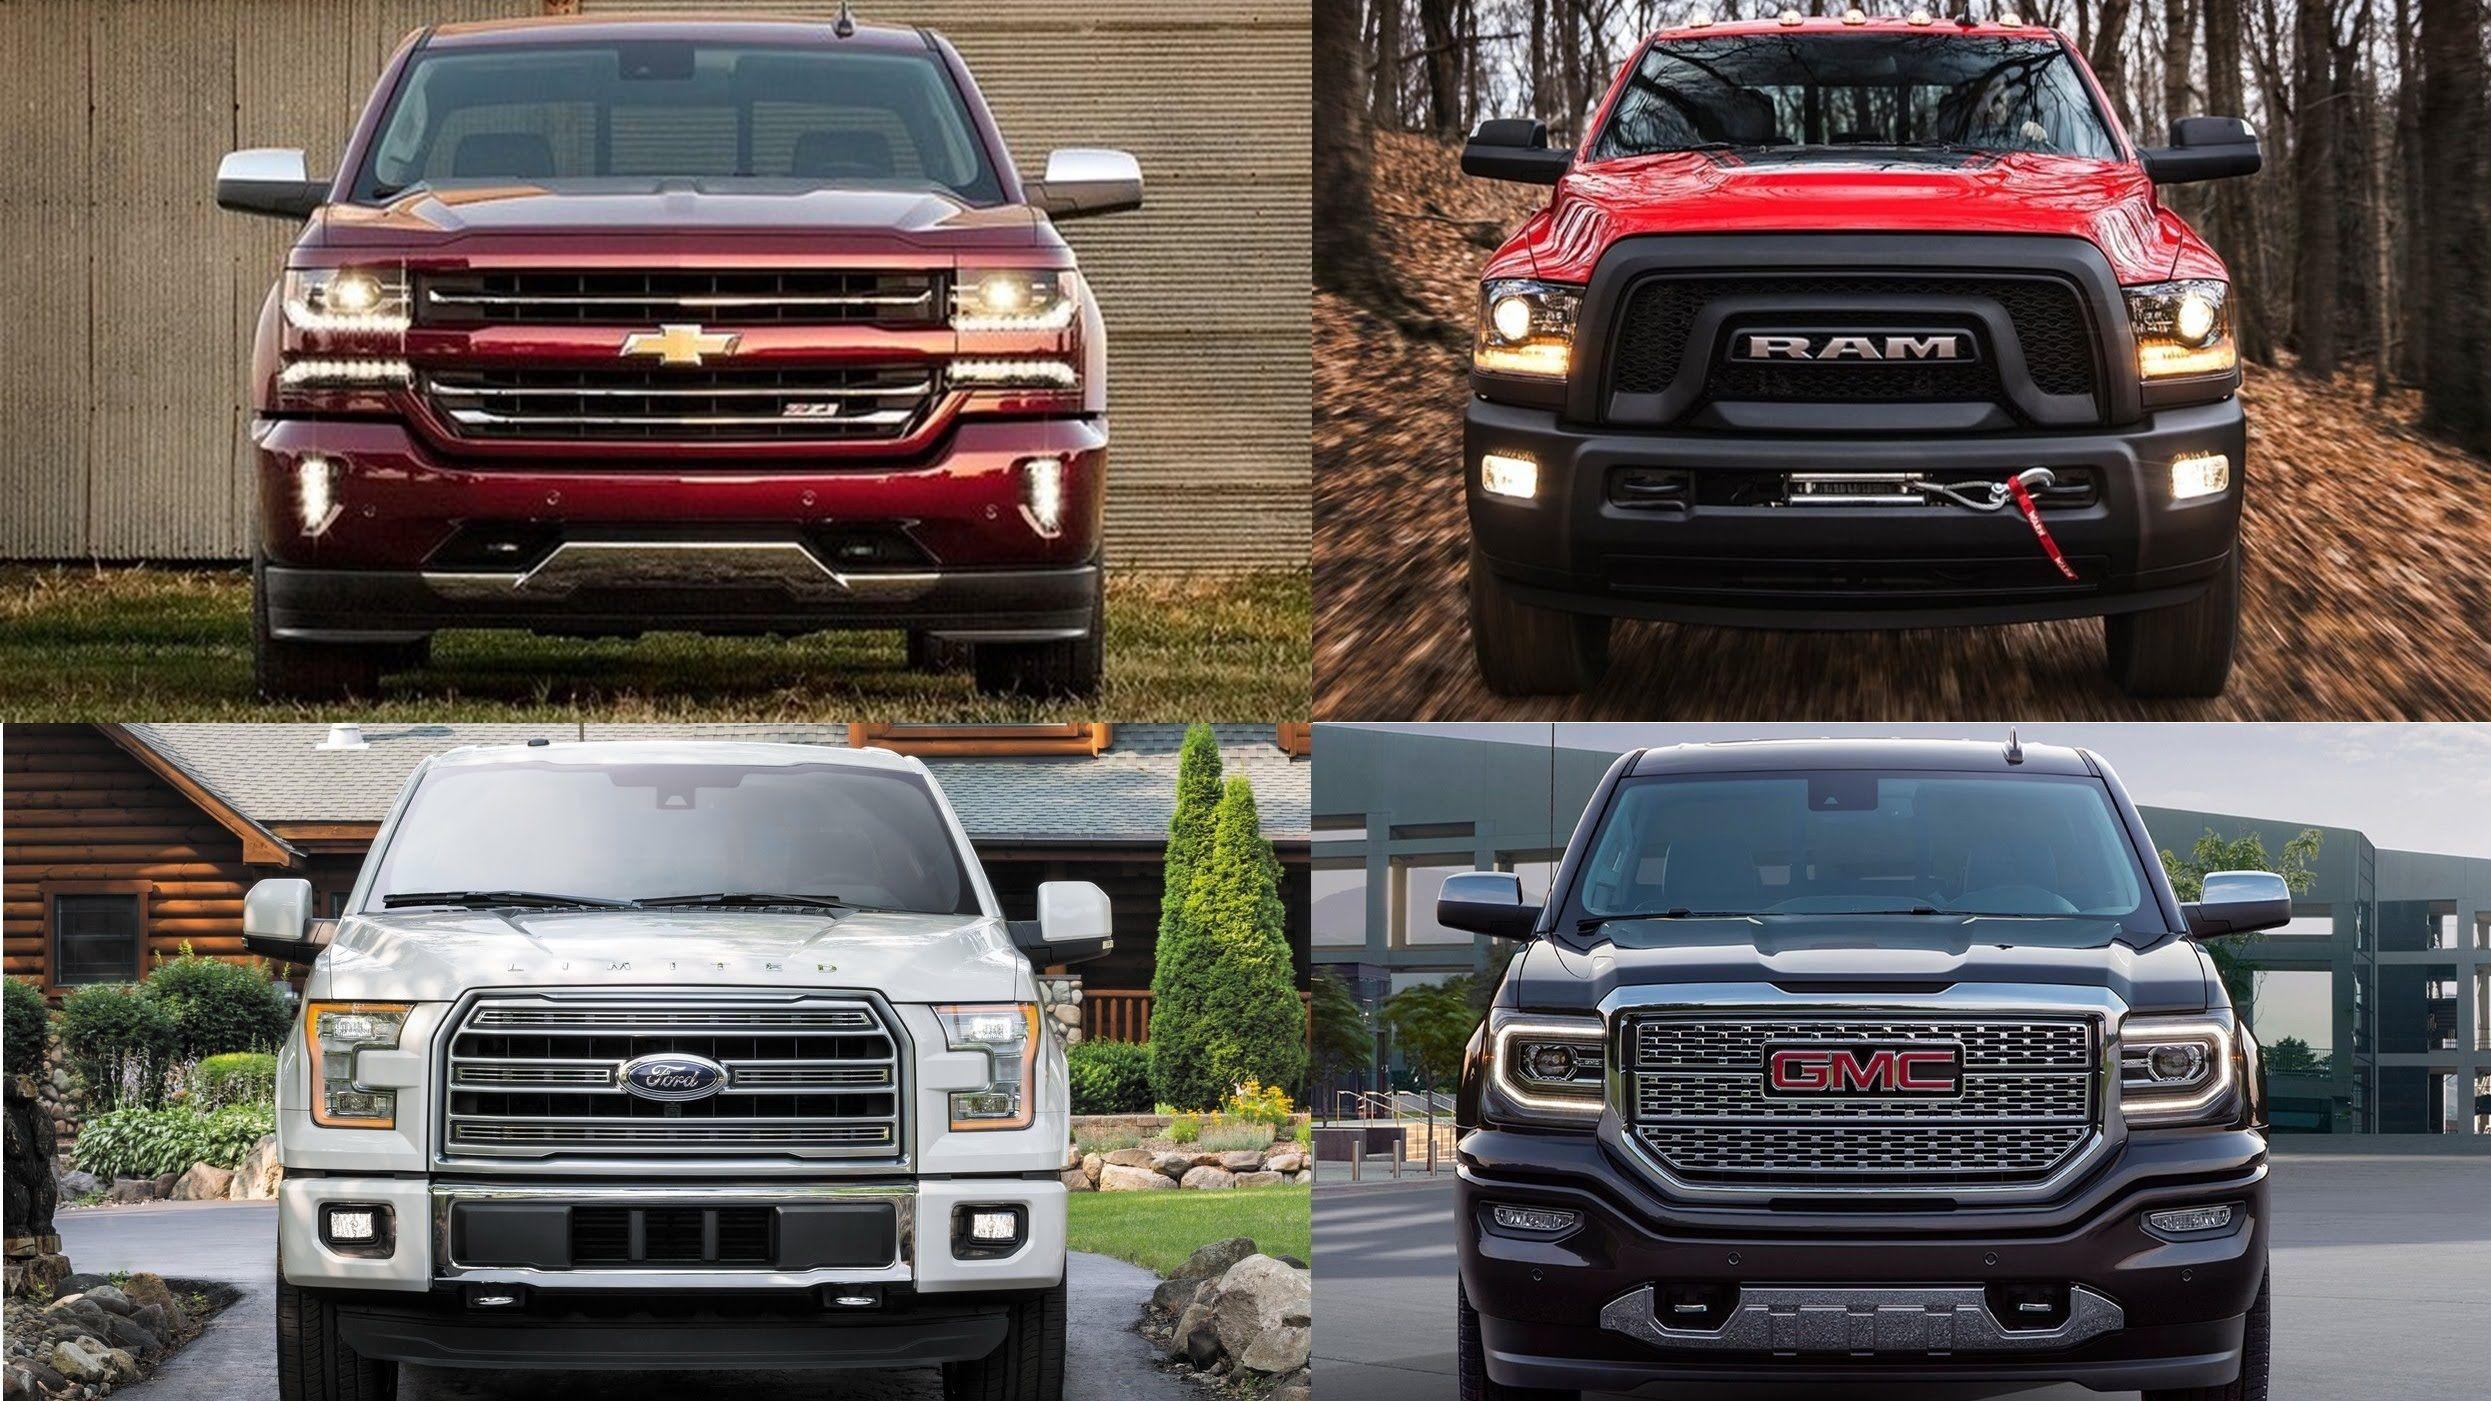 Top 6 Best Full Size Pickup Trucks 2016 2017